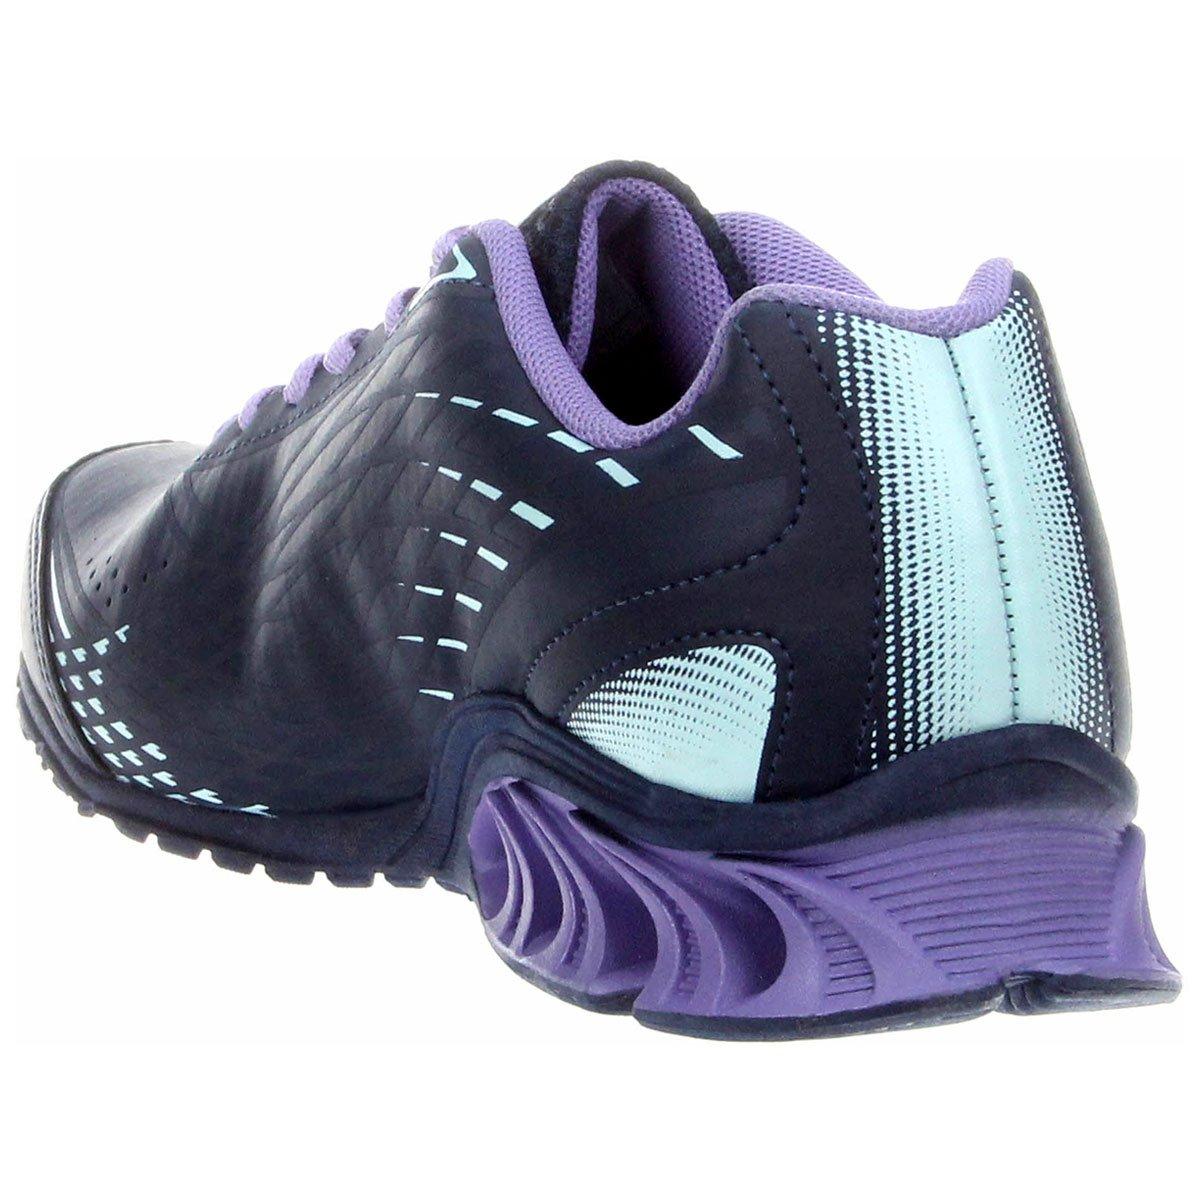 ... 6a4a75651b4 Tênis Fila Draft - Compre Agora Netshoes ... 1fd7f558e17c4